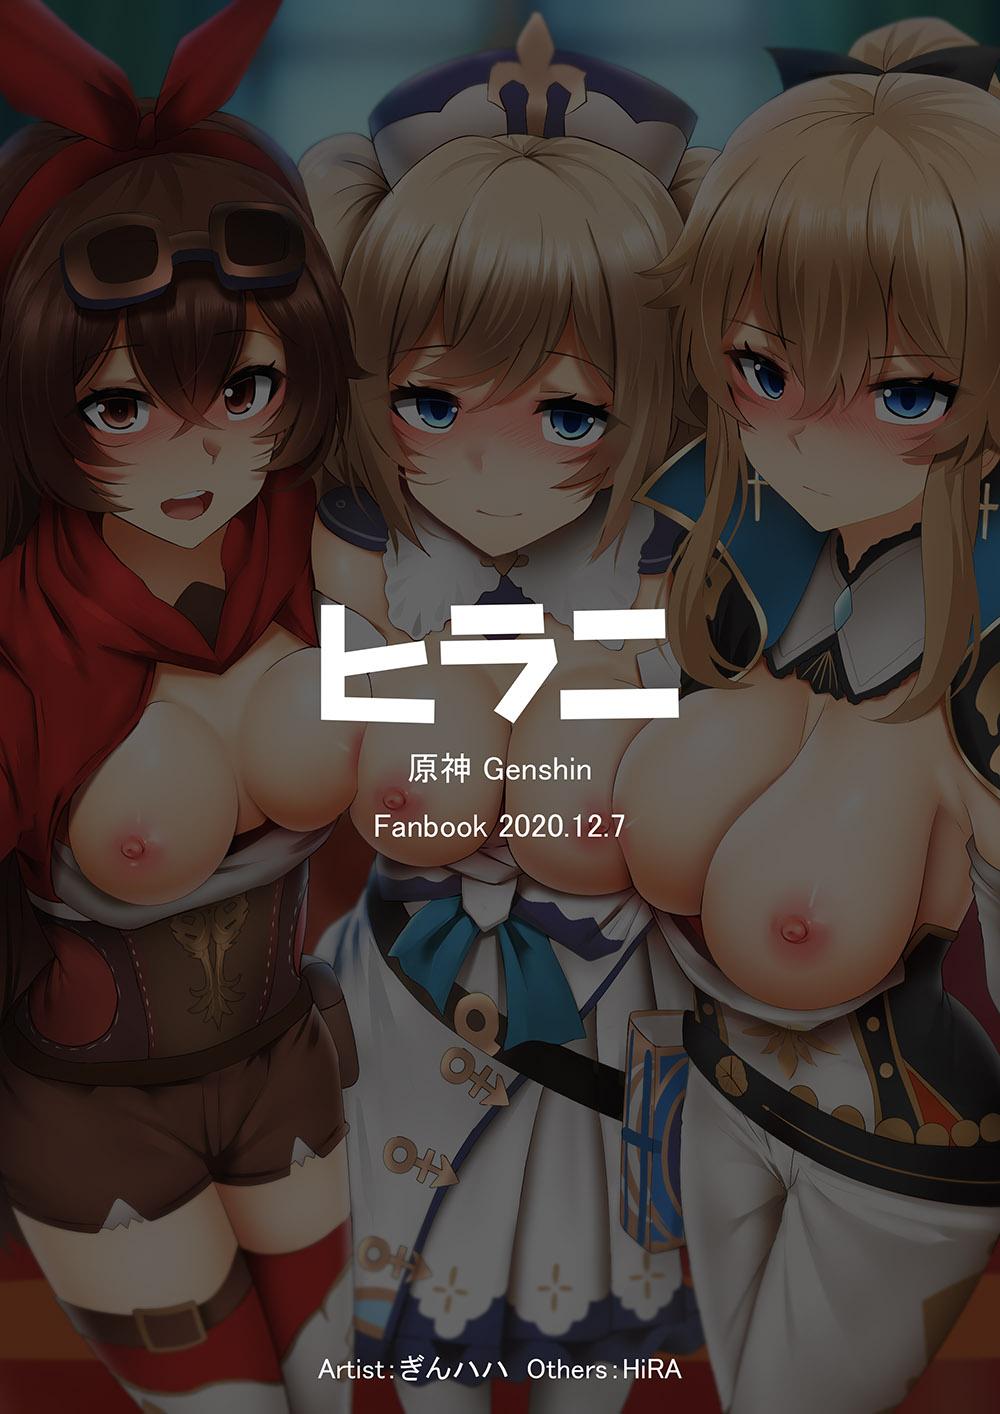 MONDO no OTOME Tachi - Girls of Mondo